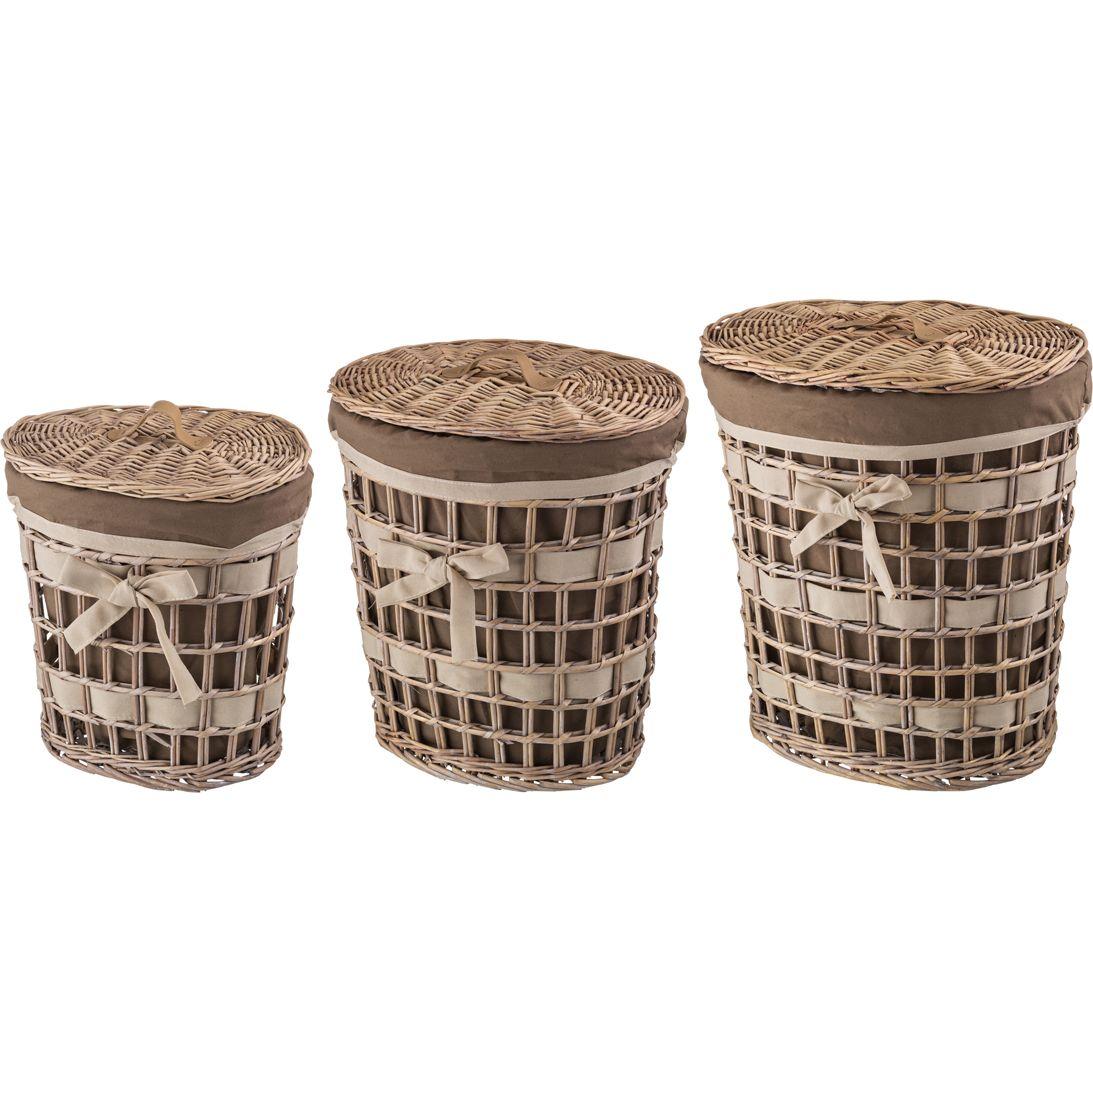 Купить со скидкой Корзины, коробки и контейнеры Villa Bianca